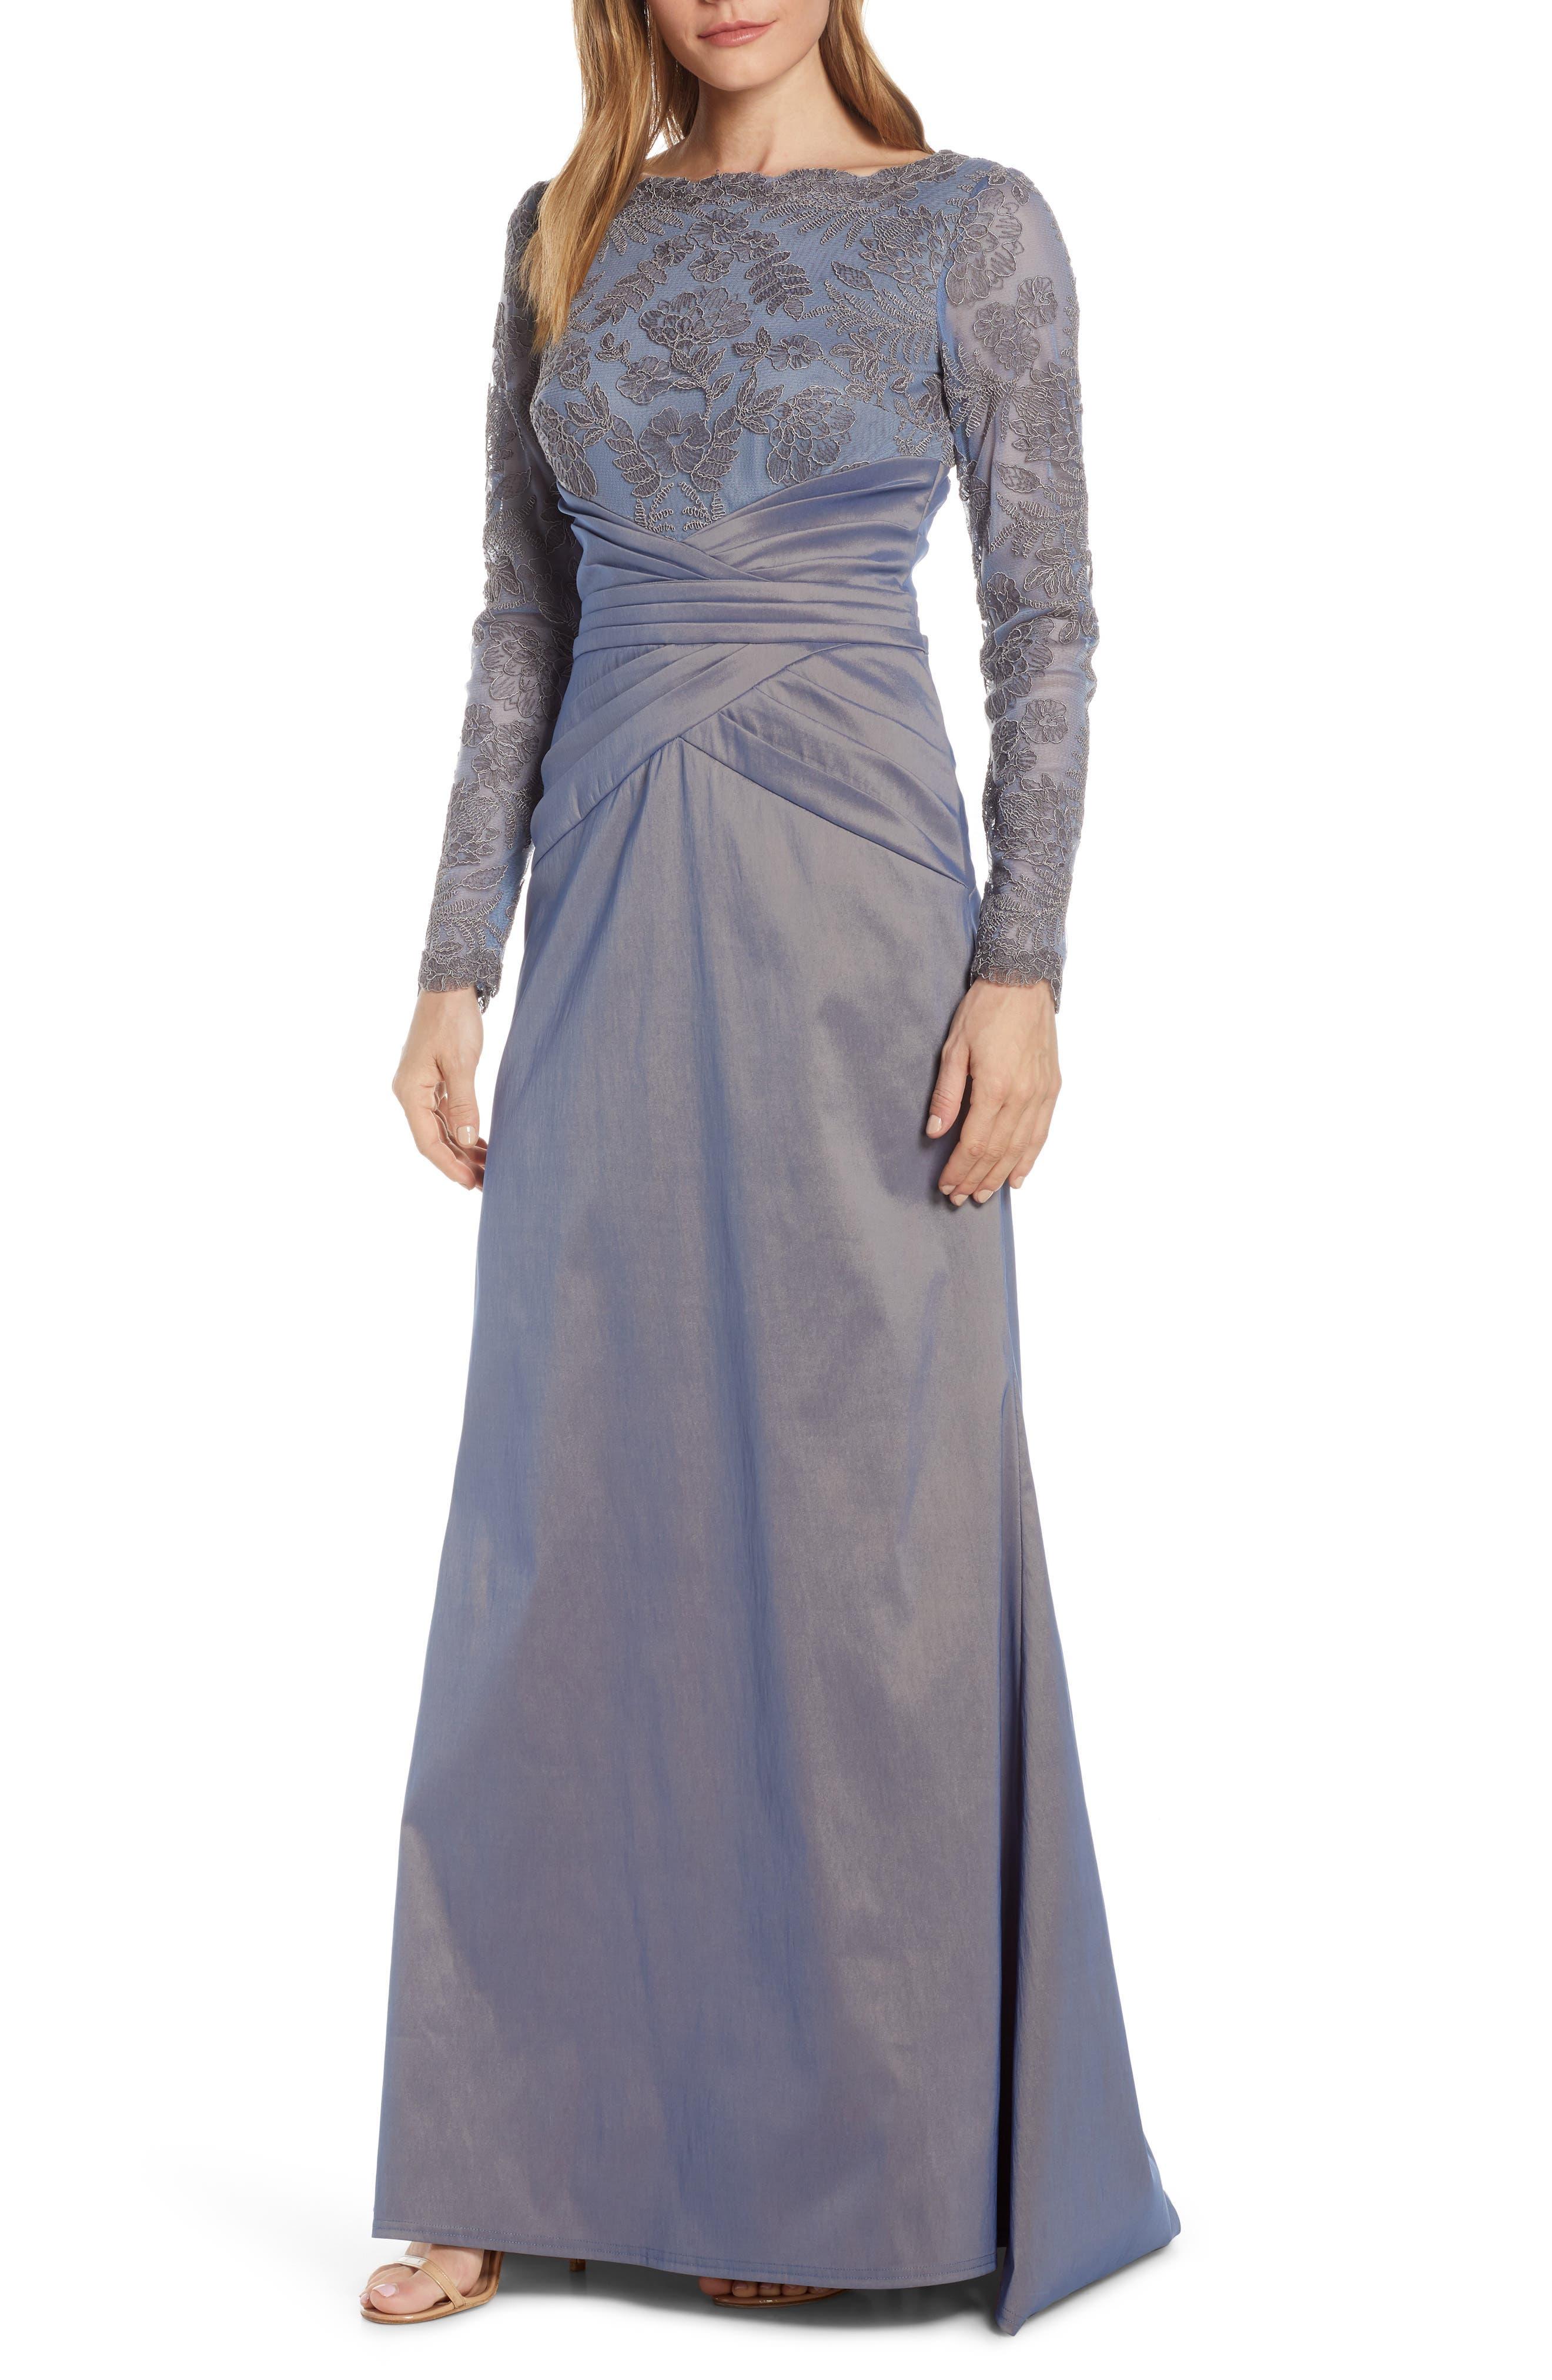 a38d1ad7d48 Tadashi Shoji Embroidered Mesh   Taffeta Gown